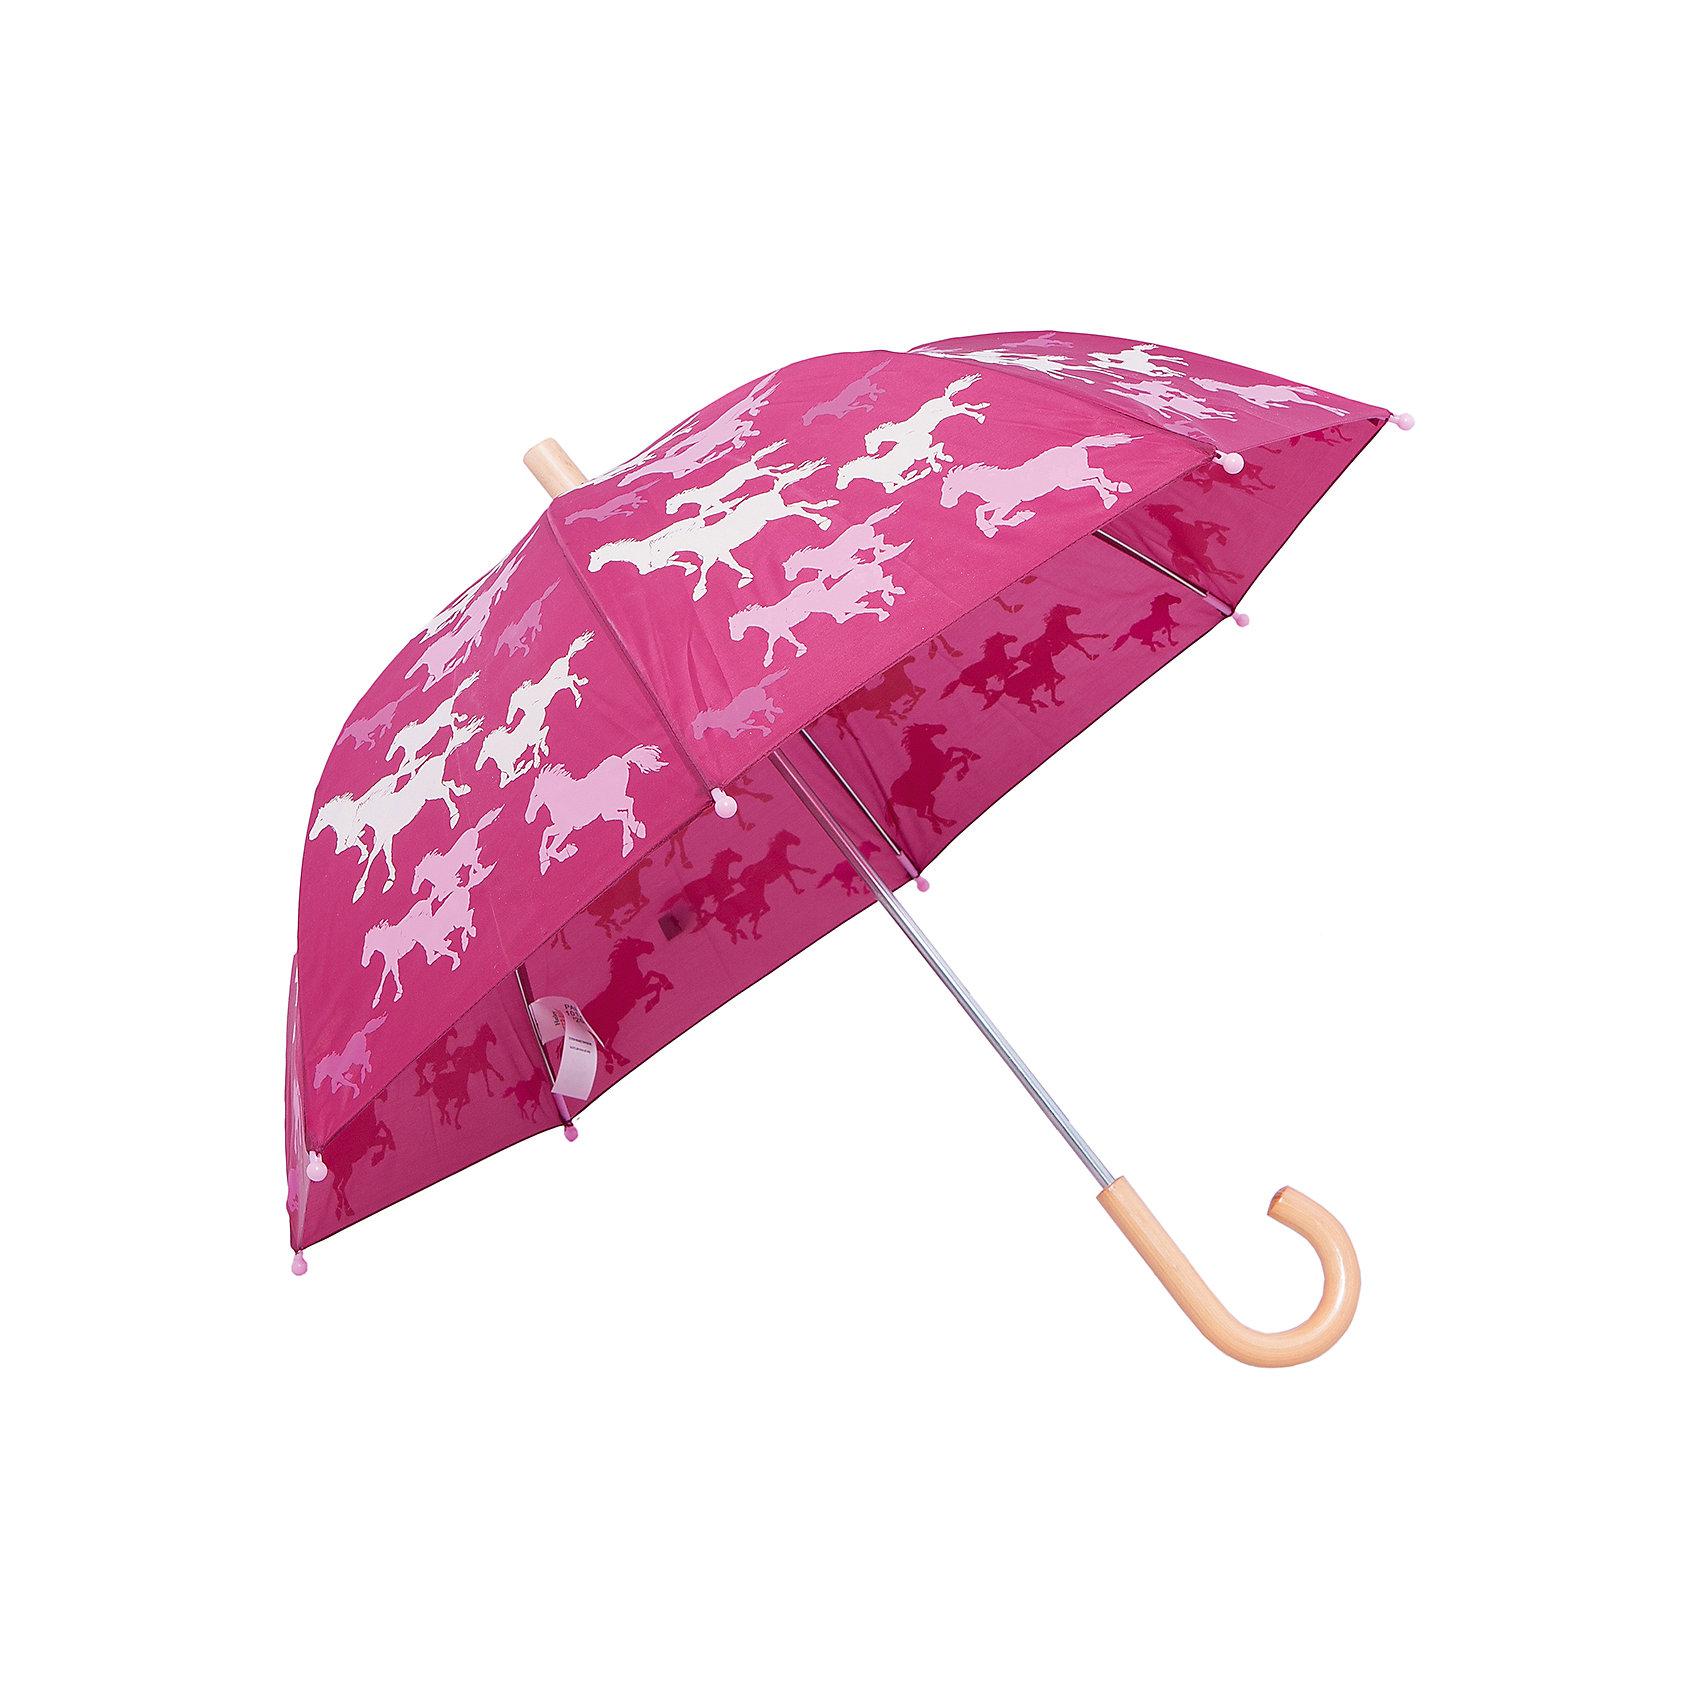 Зонт для девочки HatleyЗонт для девочки Hatley<br><br>Характеристики:<br><br>• Состав: 100% полиэстер<br>• Цвет: розовый<br><br>Красивый и стильный зонт понравится всем детям. Его прочная конструкция не только не оставляет возможности сломать зонт, но и не позволяет травмировать ребенка отлетающими спицами. Сами спицы закрыты пластиковыми клапанами. Зонт-трость надежно укроет ребенка от дождя. Ручка массивная и очень удобная, не выскальзывает из рук.<br><br>Зонт для девочки Hatley можно купить в нашем интернет-магазине.<br><br>Ширина мм: 170<br>Глубина мм: 157<br>Высота мм: 67<br>Вес г: 117<br>Цвет: розовый<br>Возраст от месяцев: 24<br>Возраст до месяцев: 144<br>Пол: Женский<br>Возраст: Детский<br>Размер: one size<br>SKU: 5020980